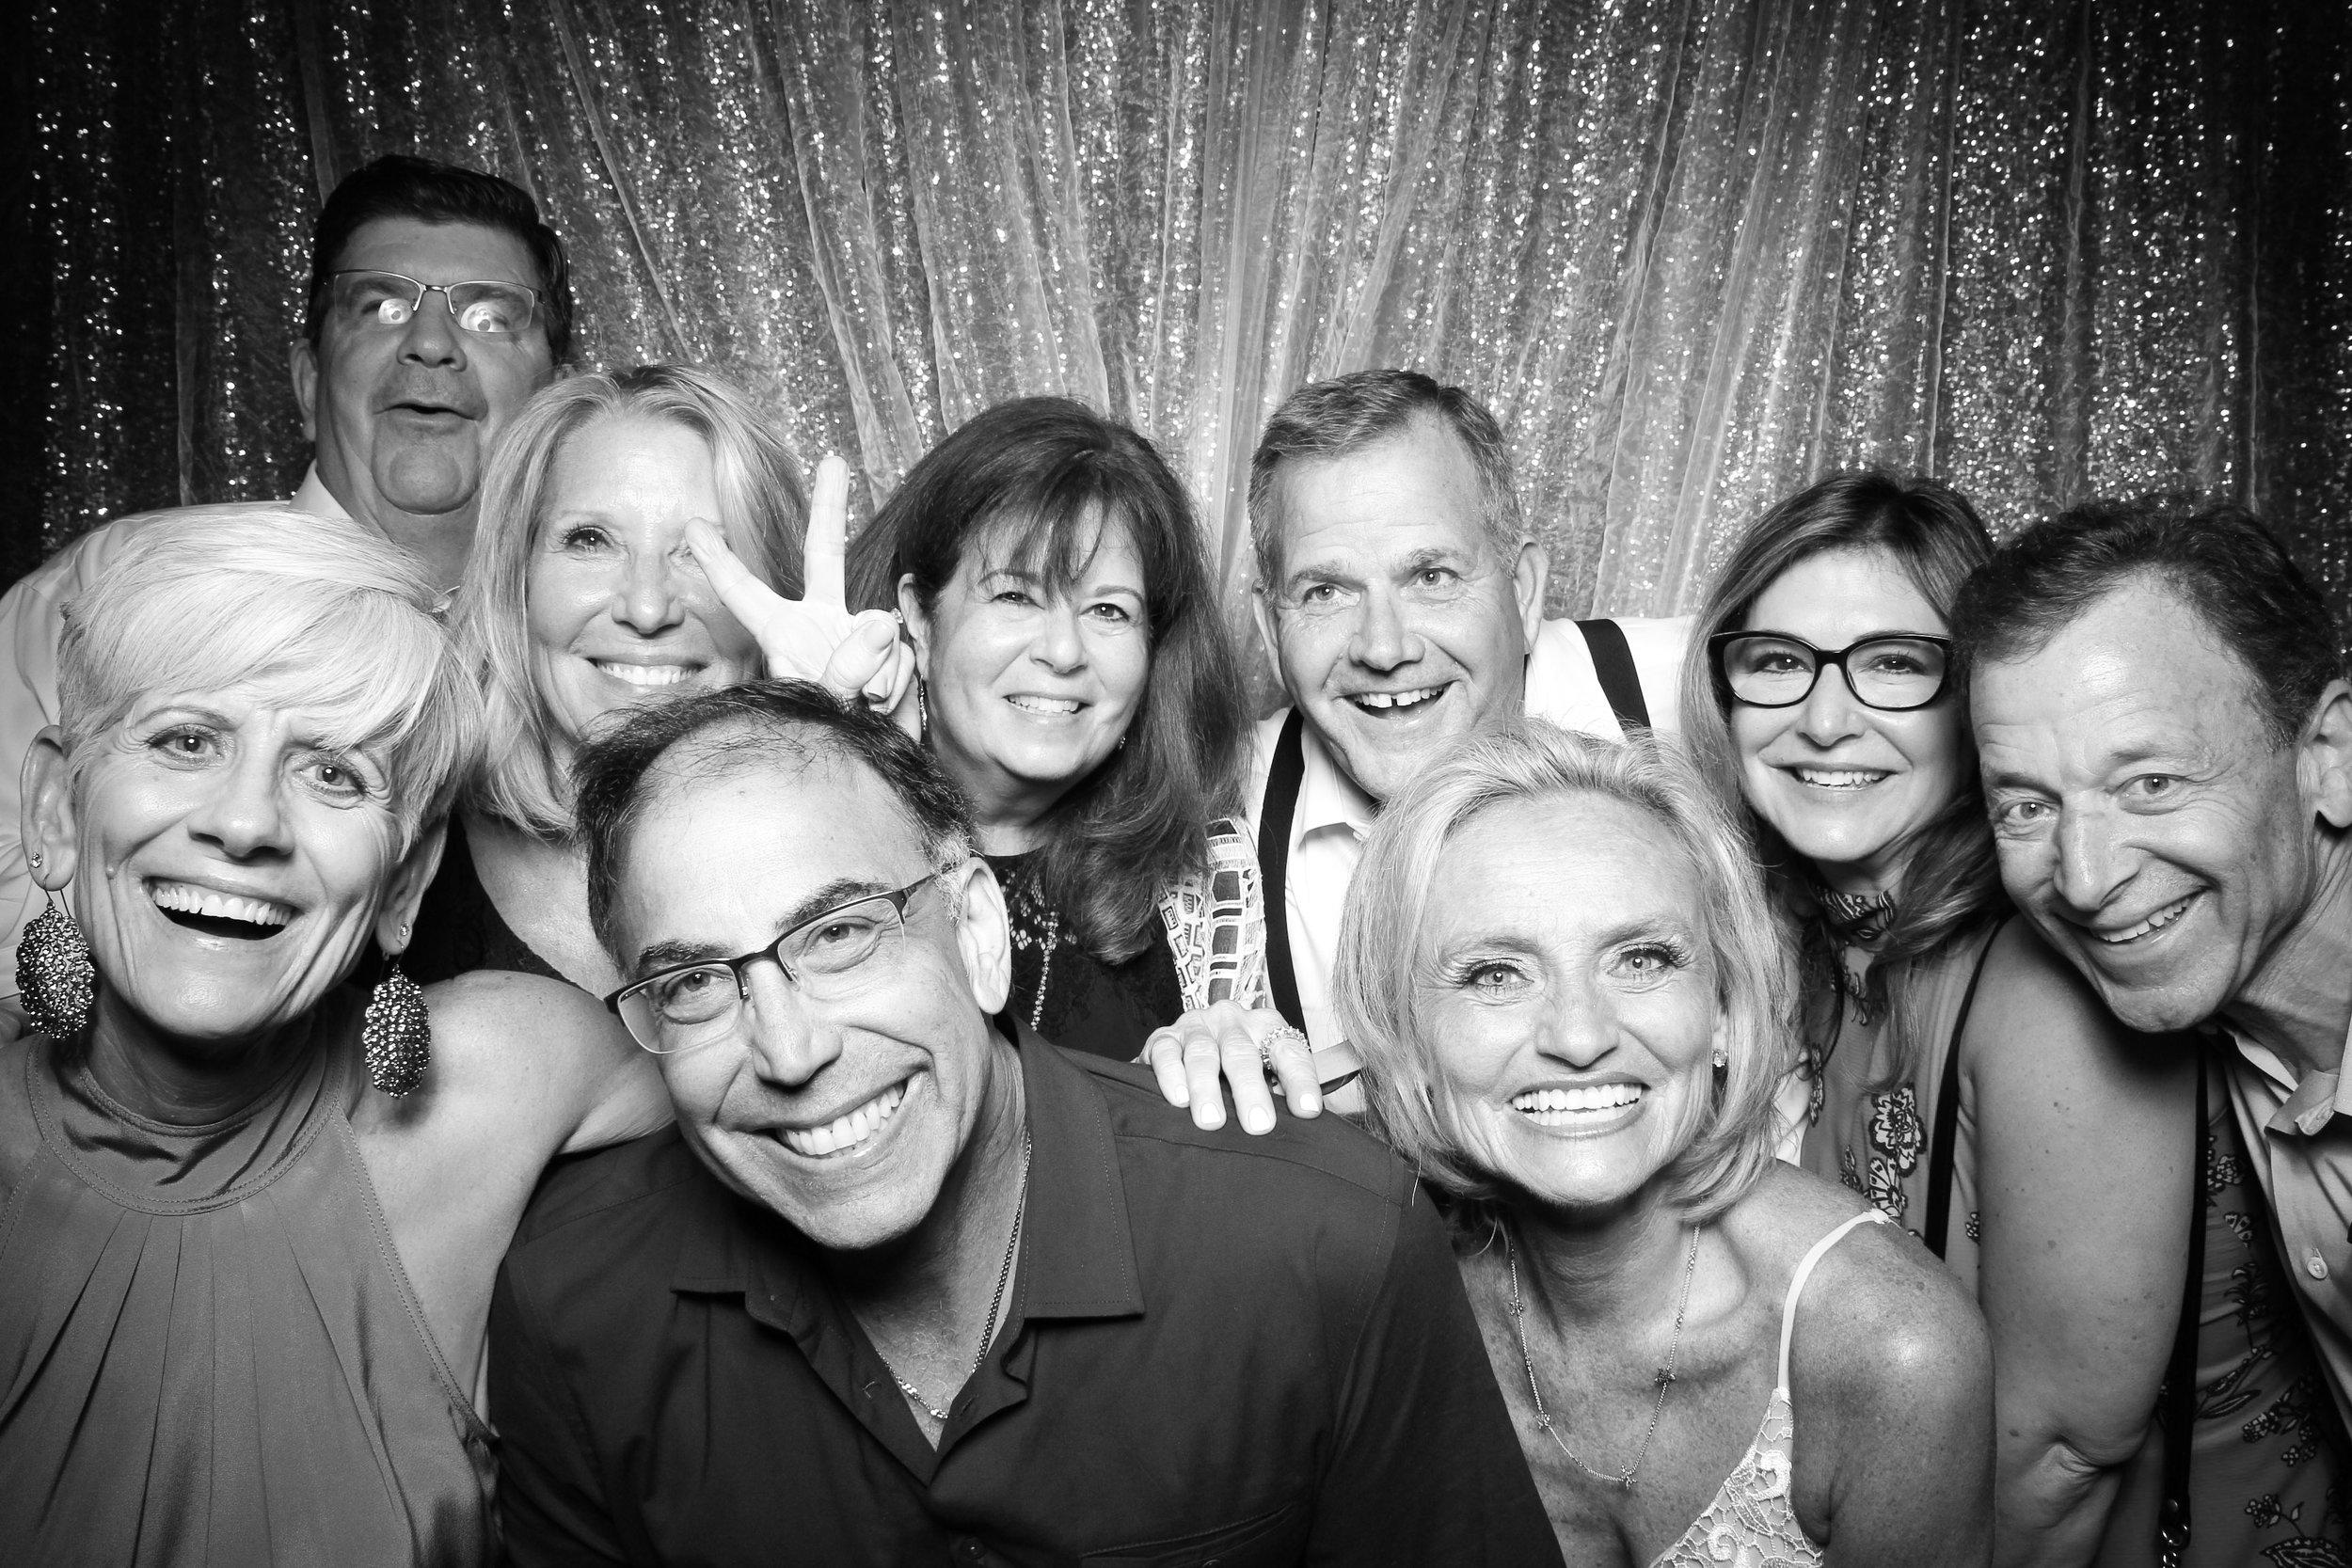 Cafe_Brauer_Chicago_Wedding_Loggia_Photo_Booth_23.jpg